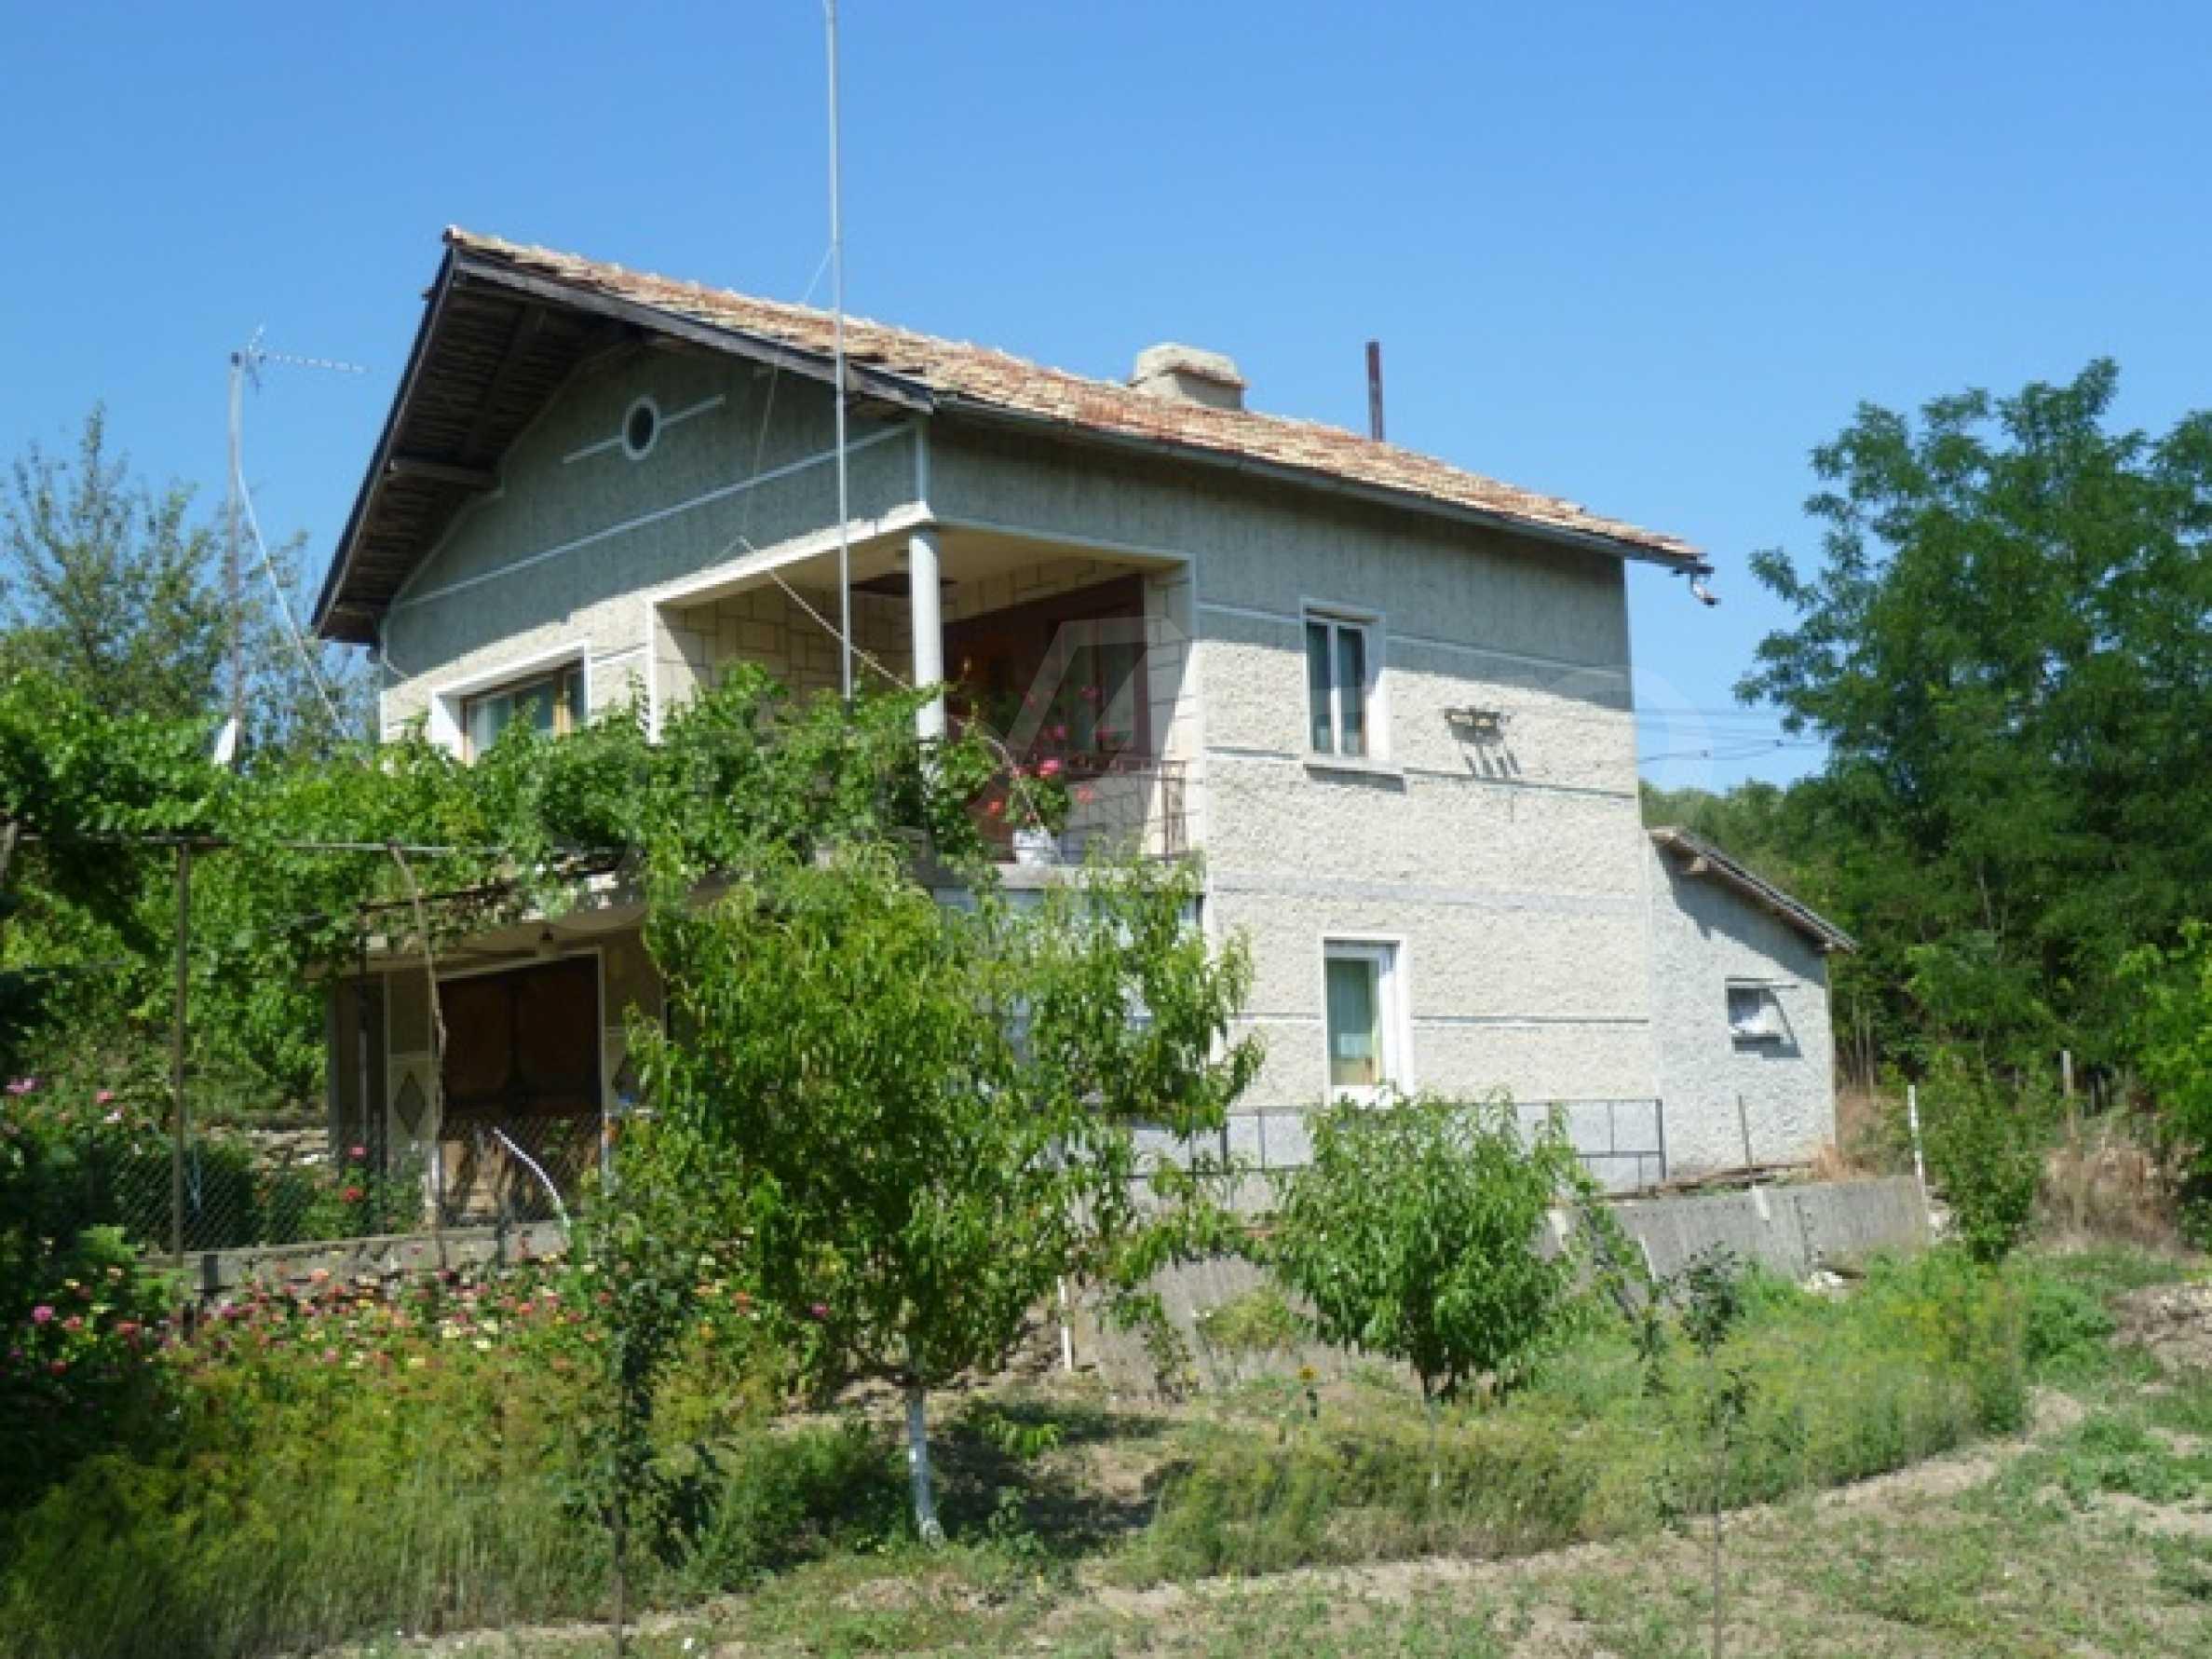 Zweistöckiges Haus bei Dobrich 2